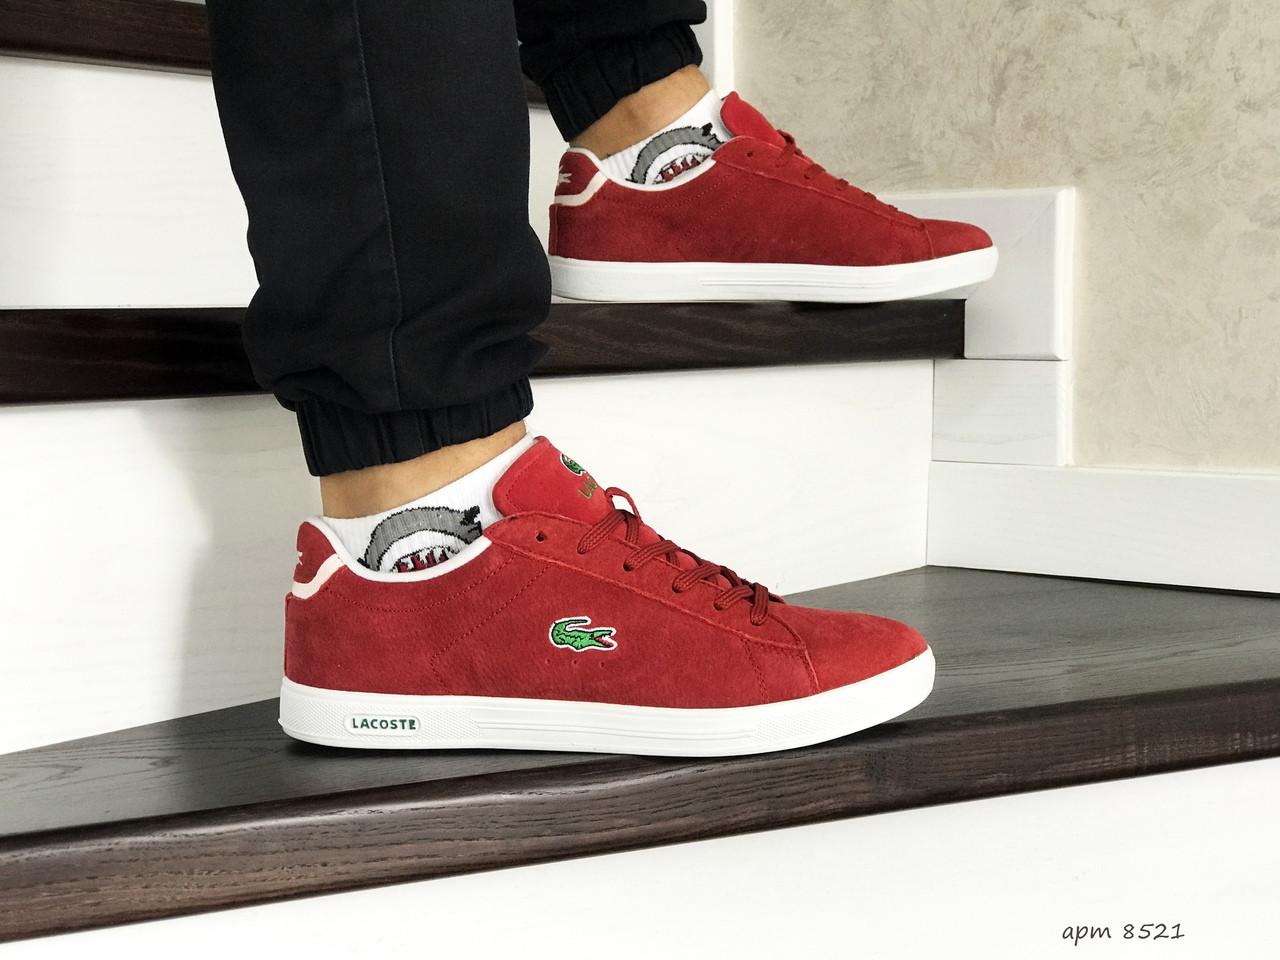 Мужские кроссовки (в стиле) Lacoste,красные,замшевые